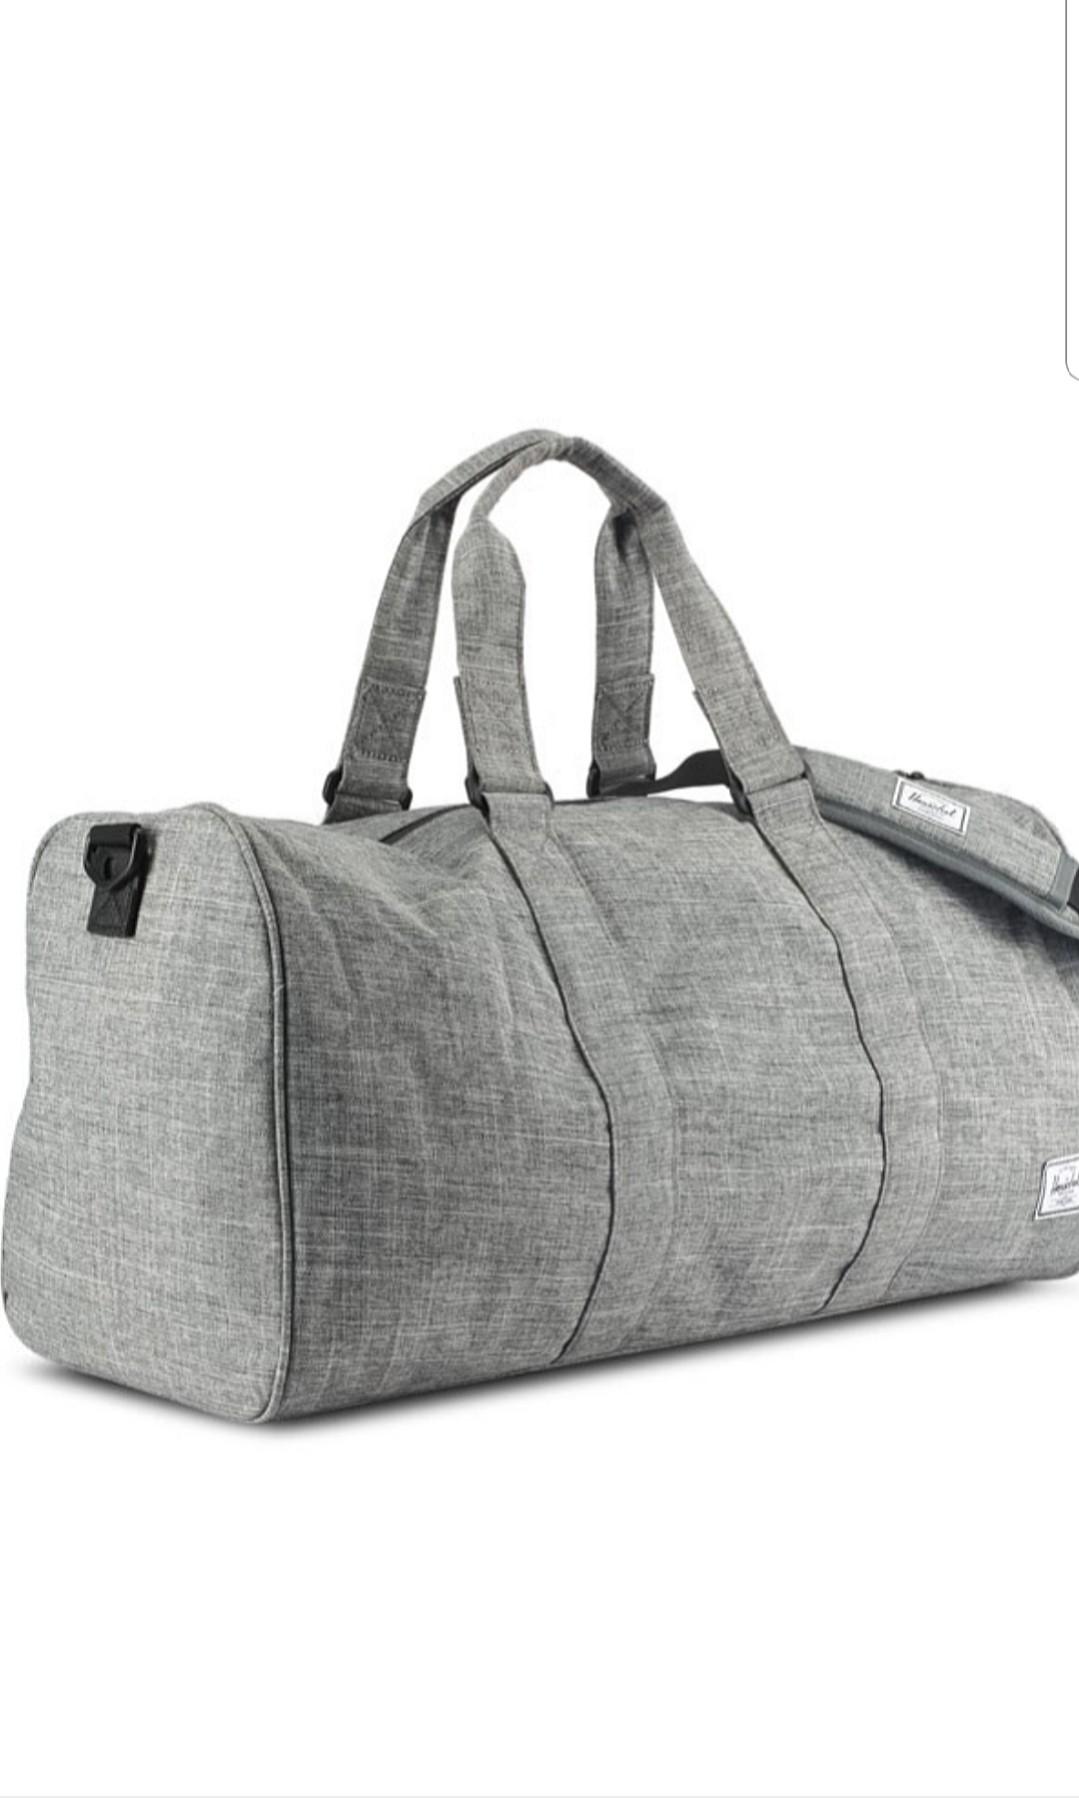 9e0a343f64 Herschel Novel Mid-Volume Duffle Bag